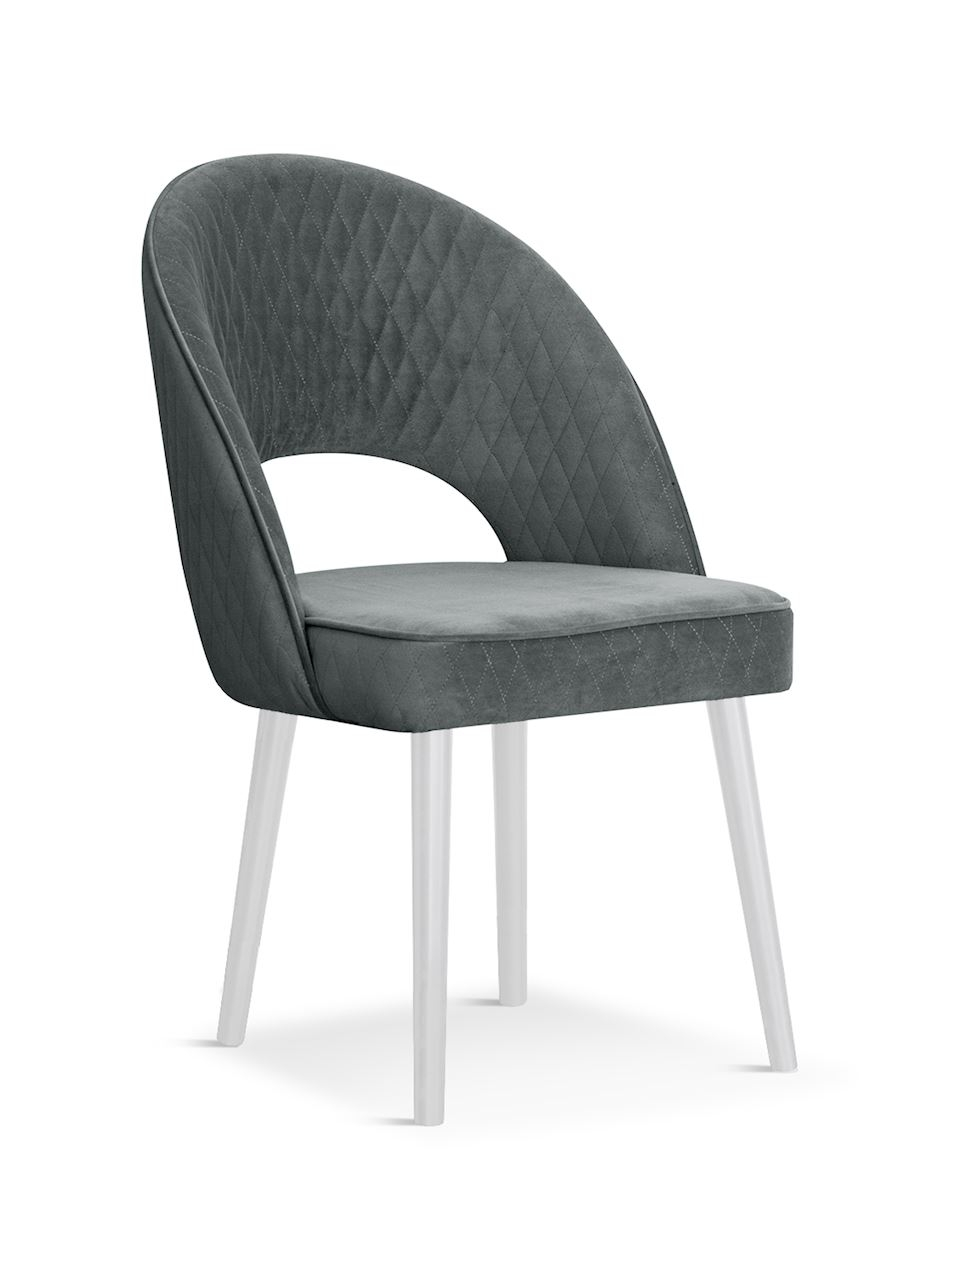 Scaun tapitat cu stofa, cu picioare din lemn Ponte Grey / White, l56xA63xH89 cm